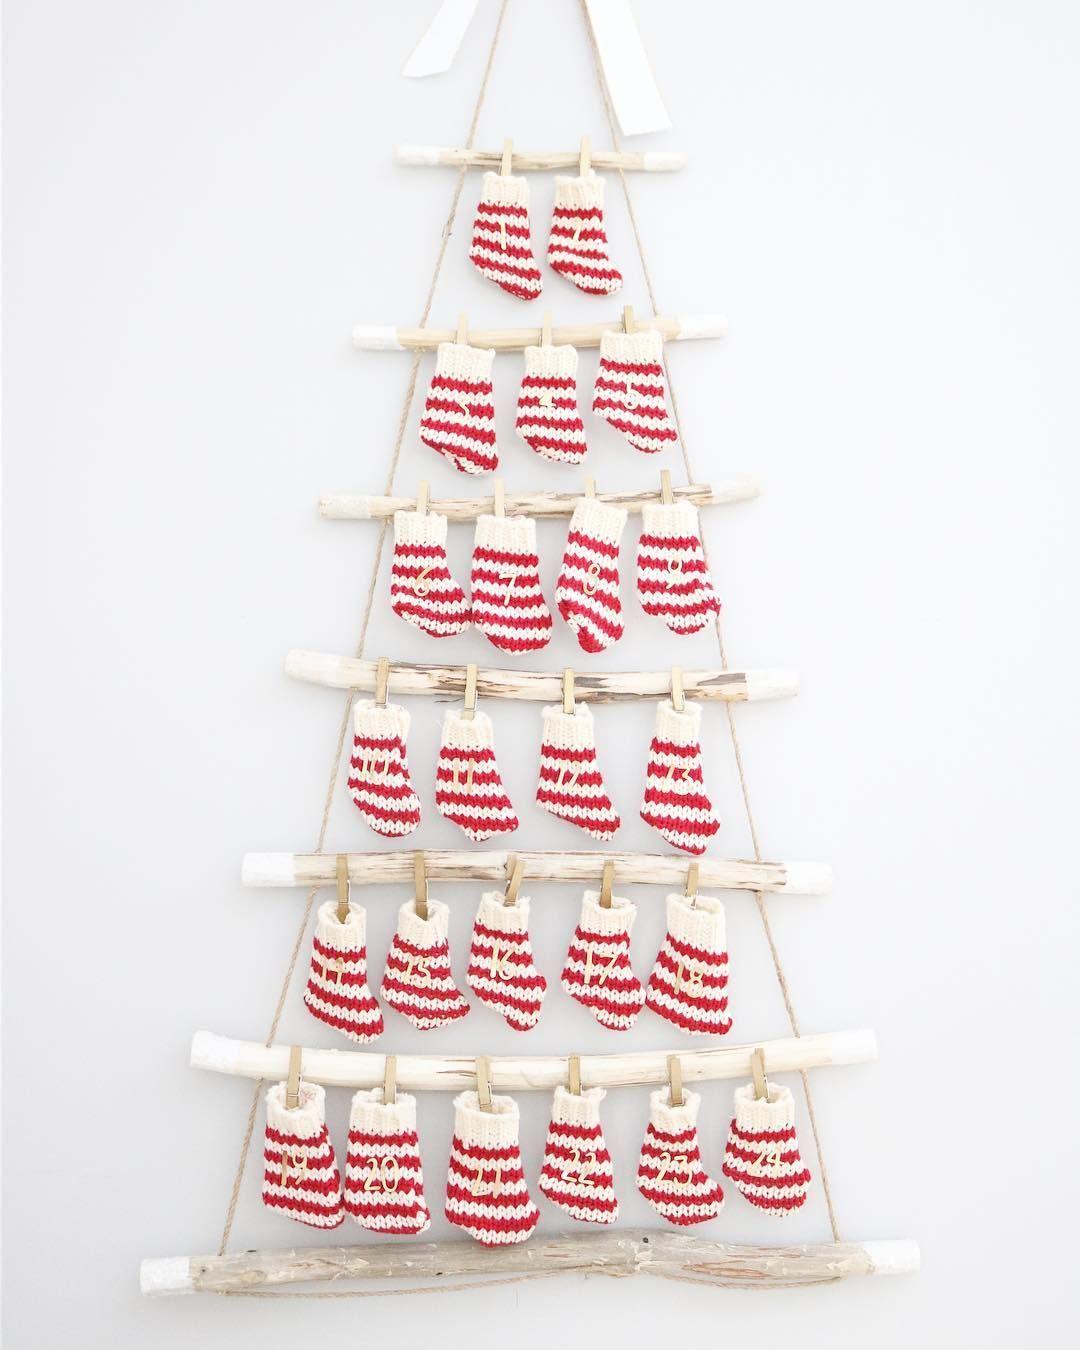 Magical And Creative Diy Advent Calendar Ideas You Ll Love Diy Advent Calendar Christmas Advent Calendar Diy Advent Calendar